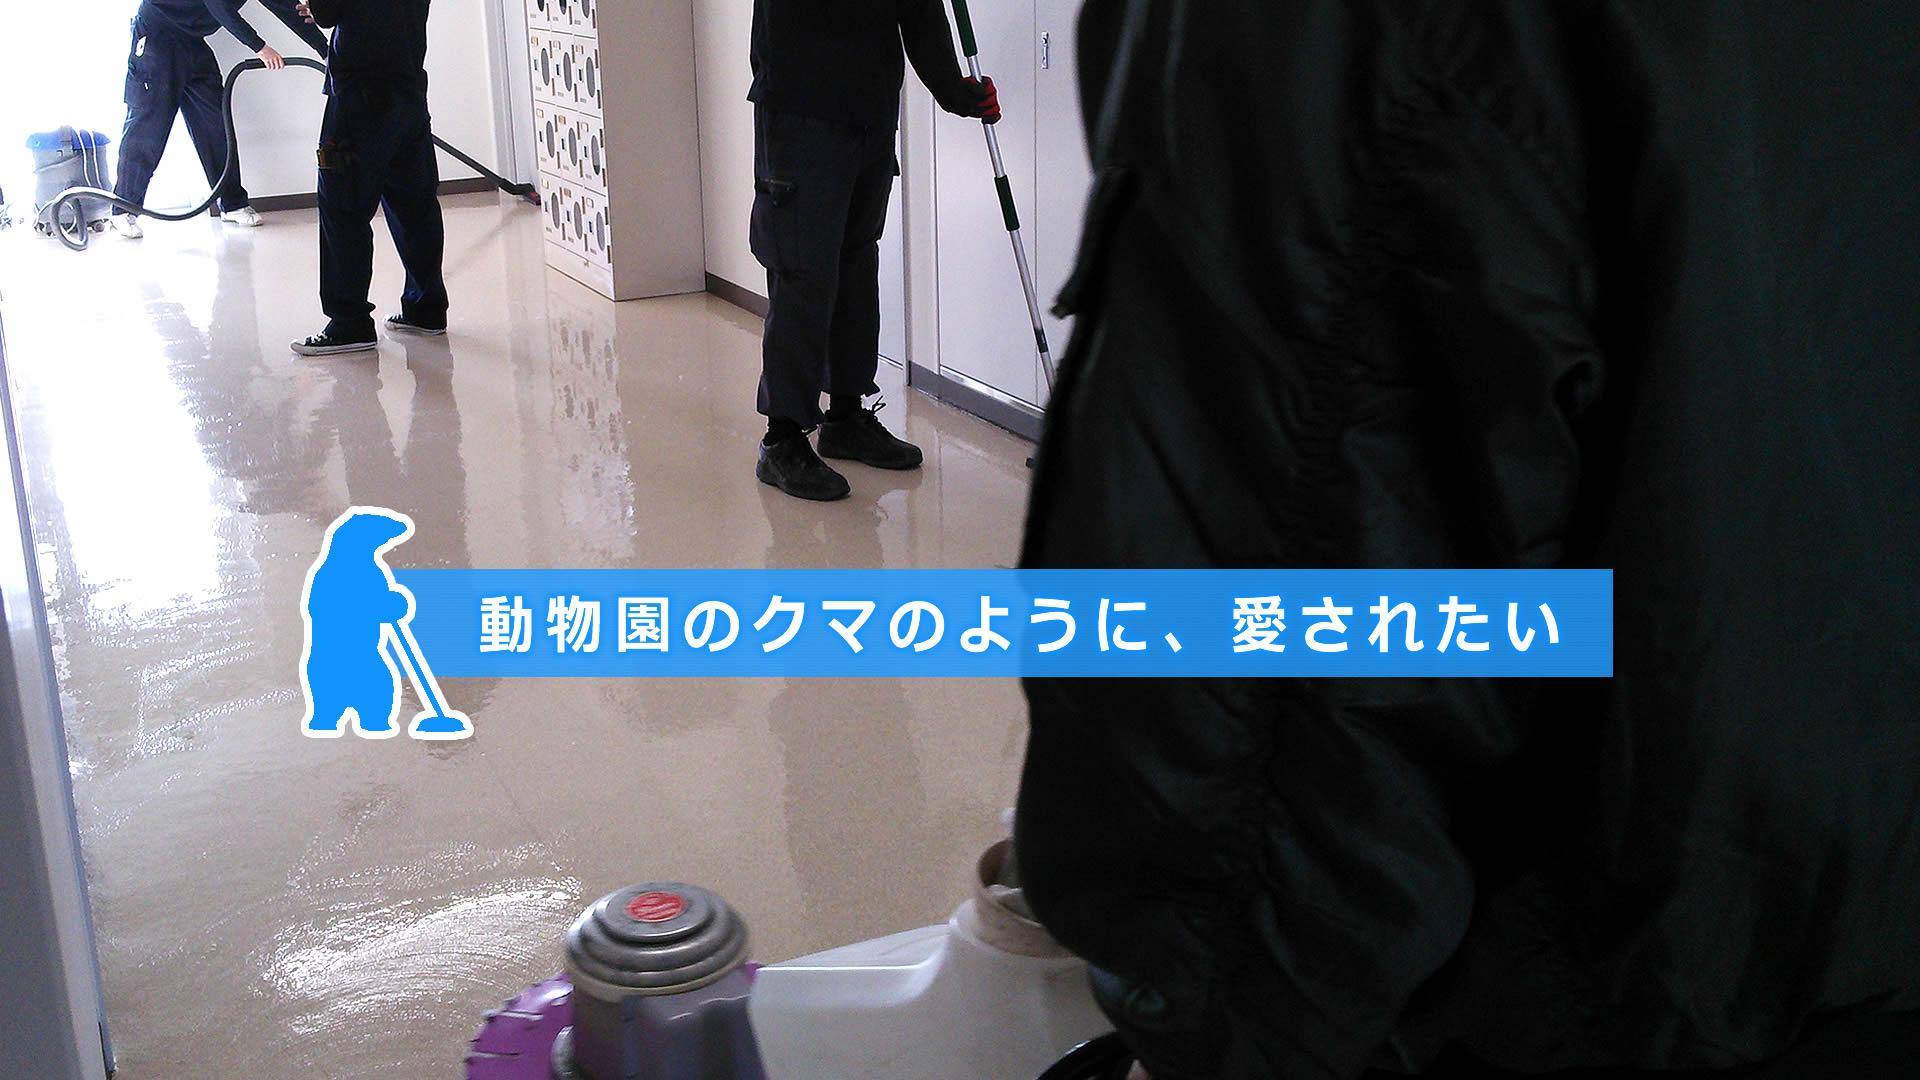 株式会社 オルソ(ORTHO)/東京都三鷹市/ビル・マンション・店舗・施設などの日常清掃・巡回清掃・定期清掃、在室・空室のハウスクリーニング、空室管理、内装工事、特殊箇所の特別清掃